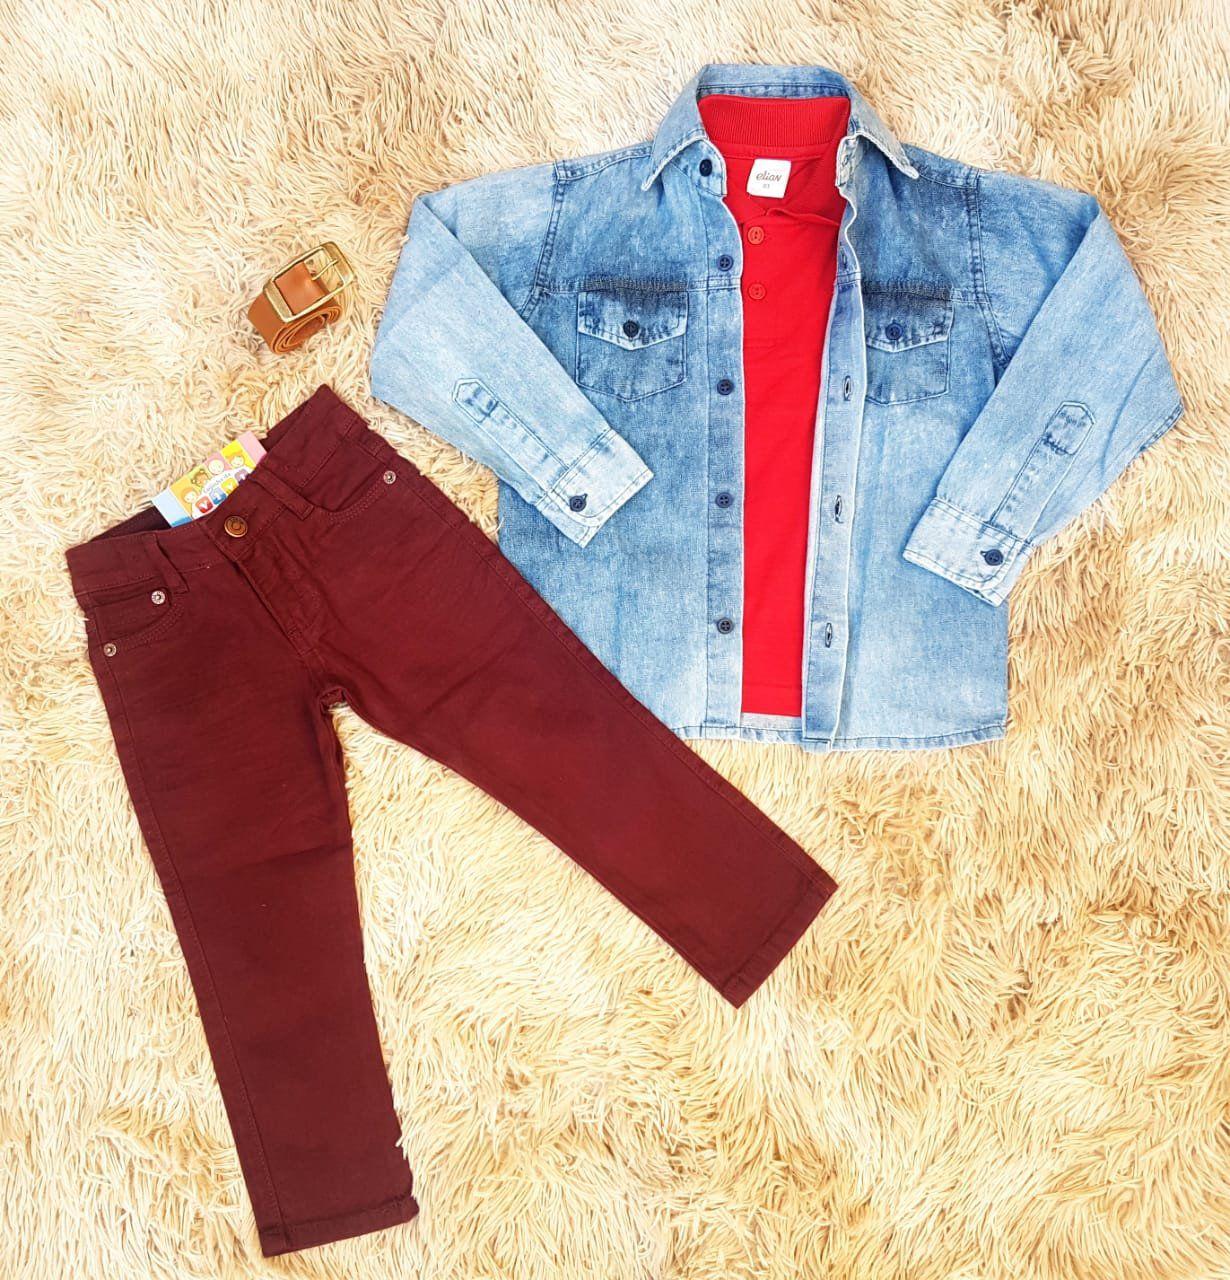 Calça Vinho com Polo Vermelha e Camisa Jeans